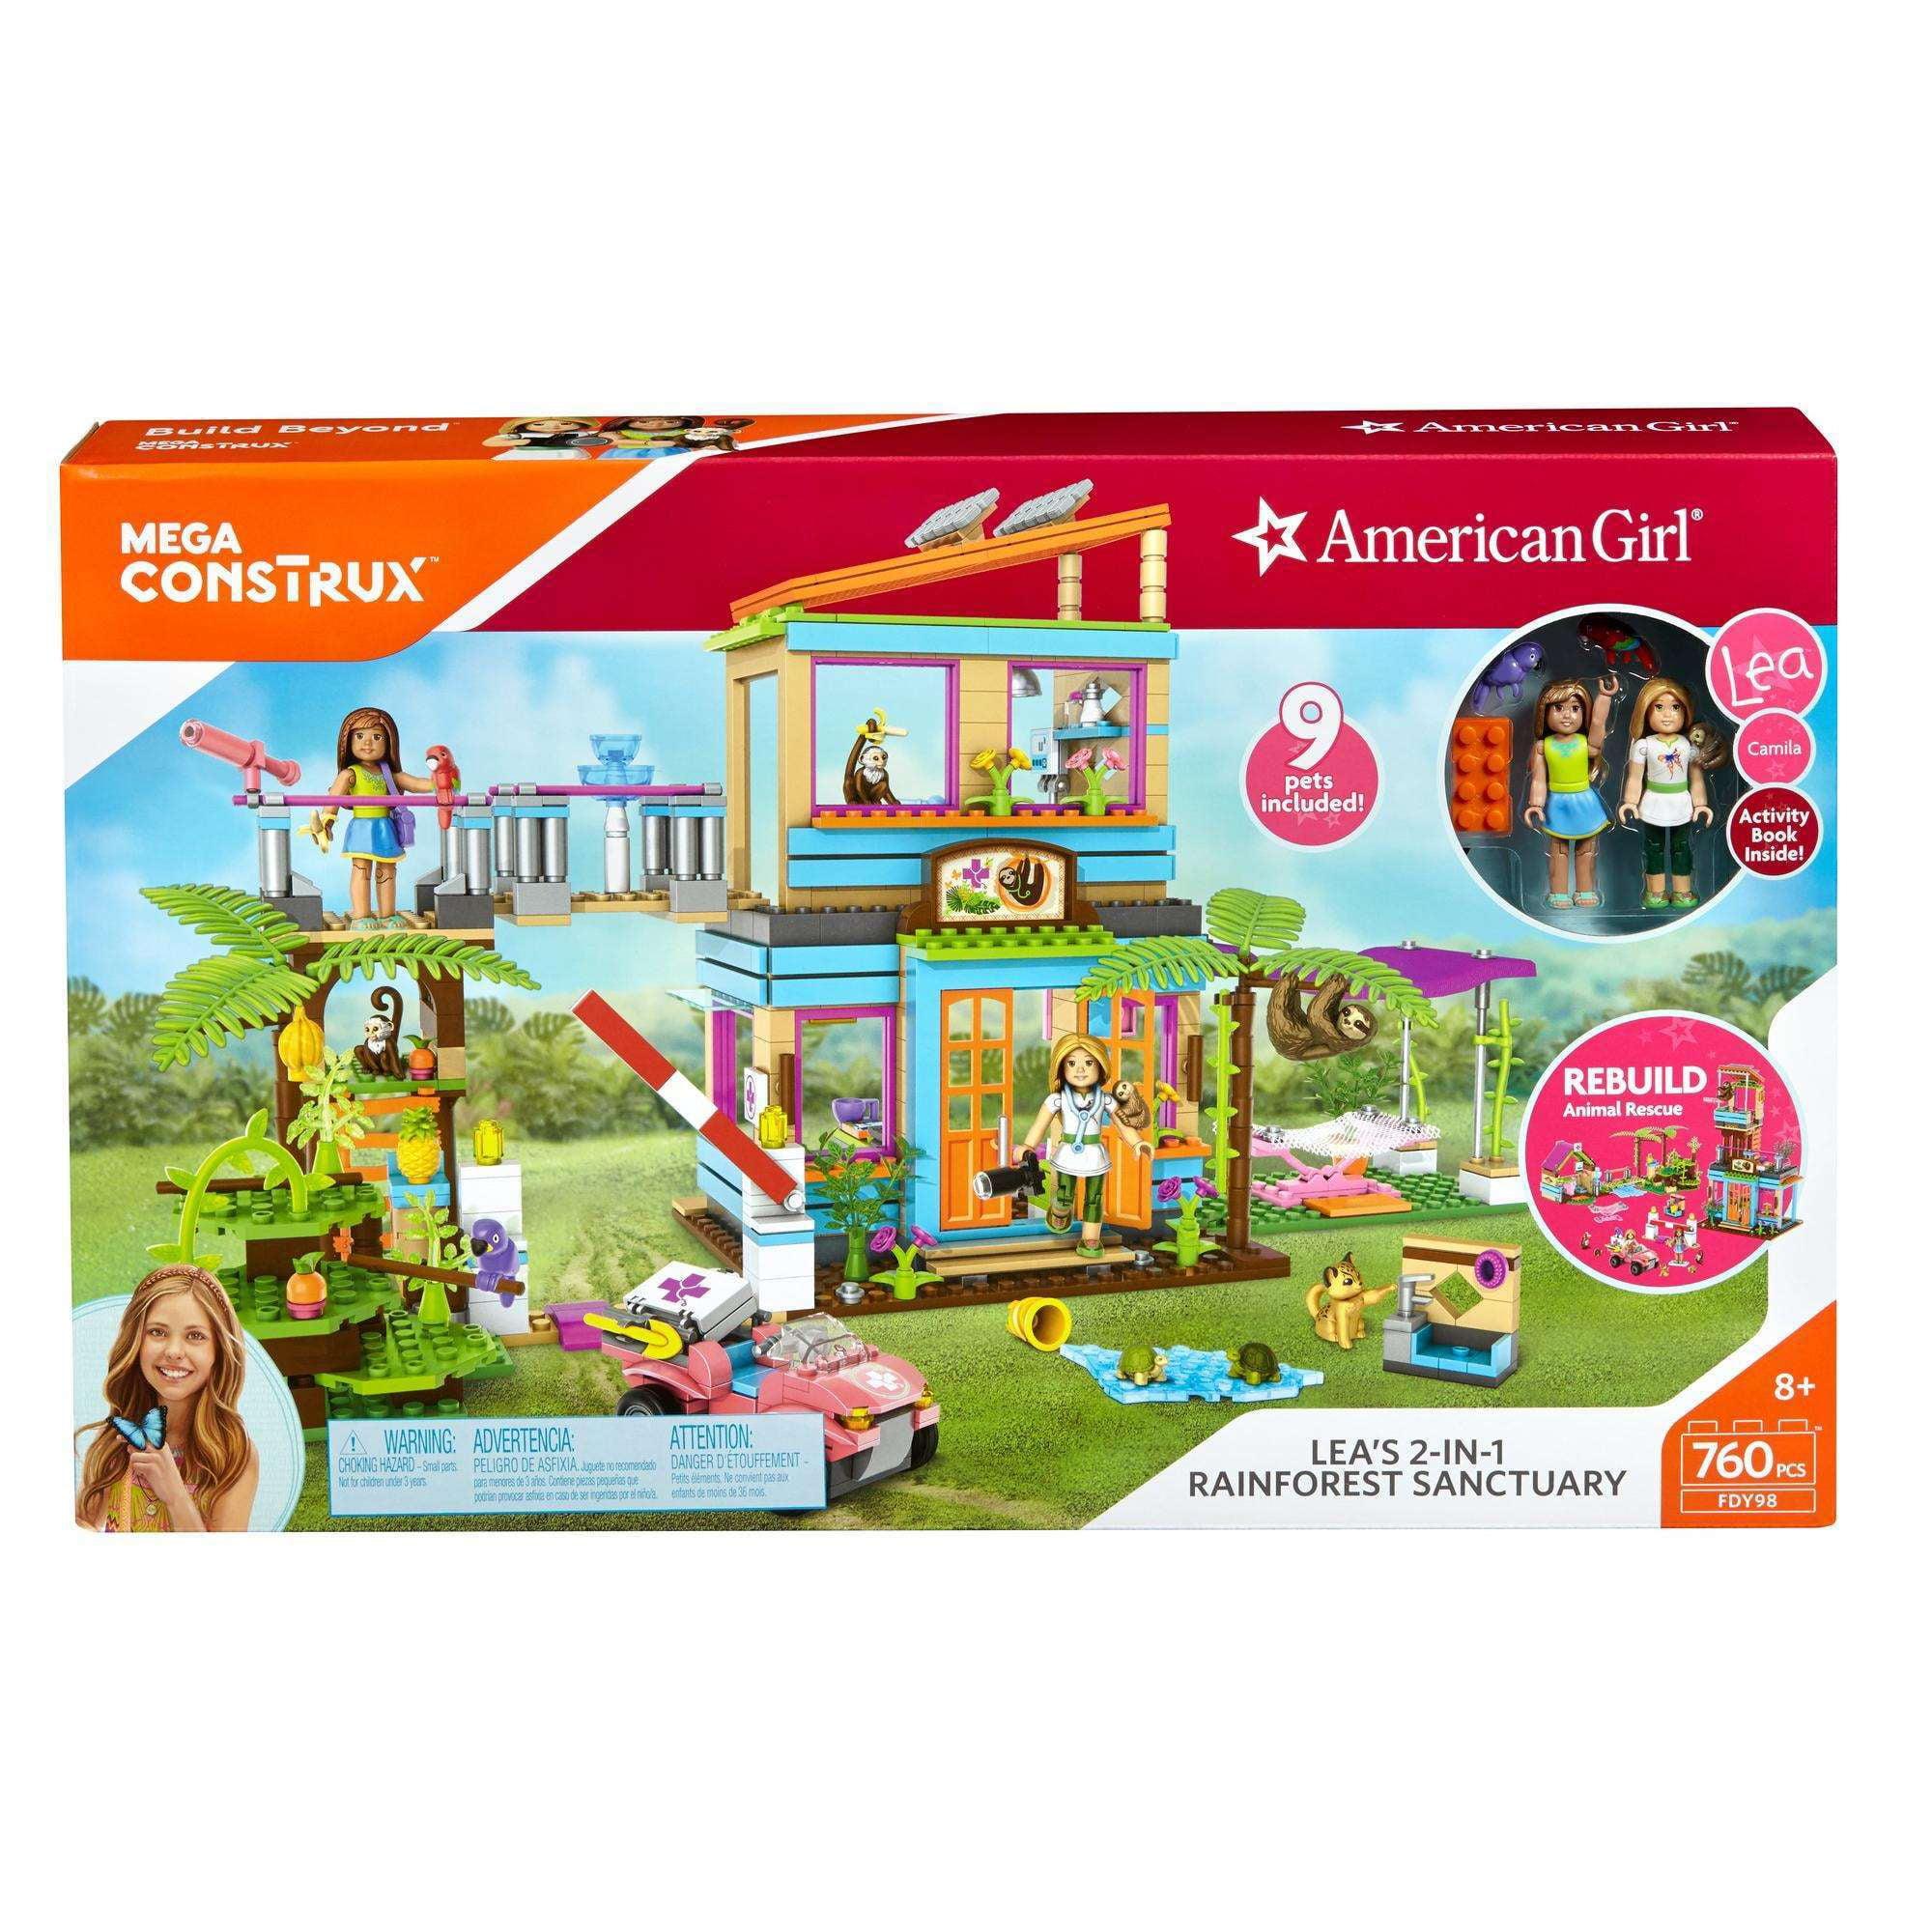 Mega Construx American Girl Lea's 2-In-1 Rainforest Sanctuary Construction Set by Mattel